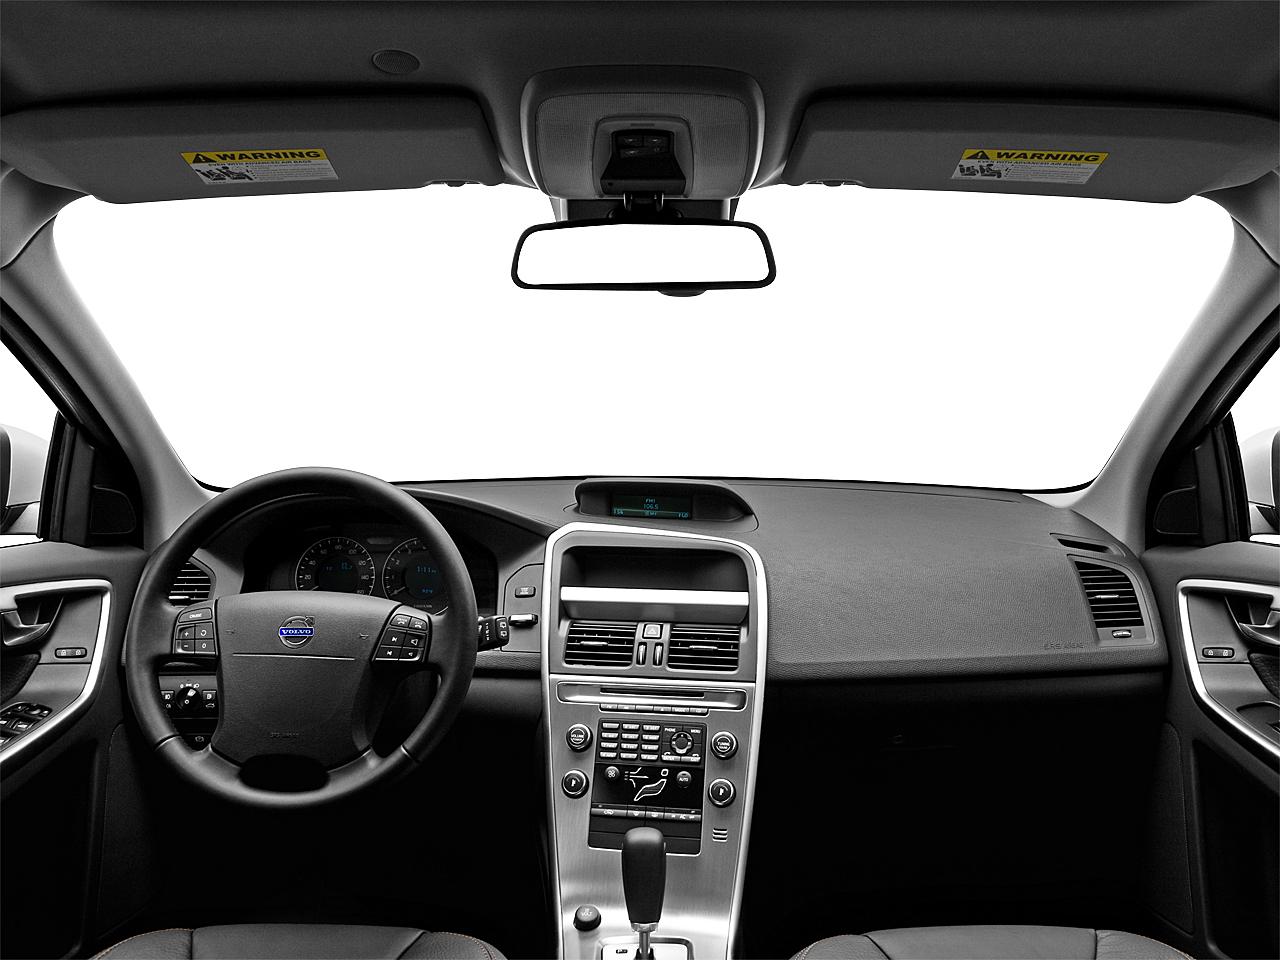 2010 volvo xc60 3 2l centered wide dash shot